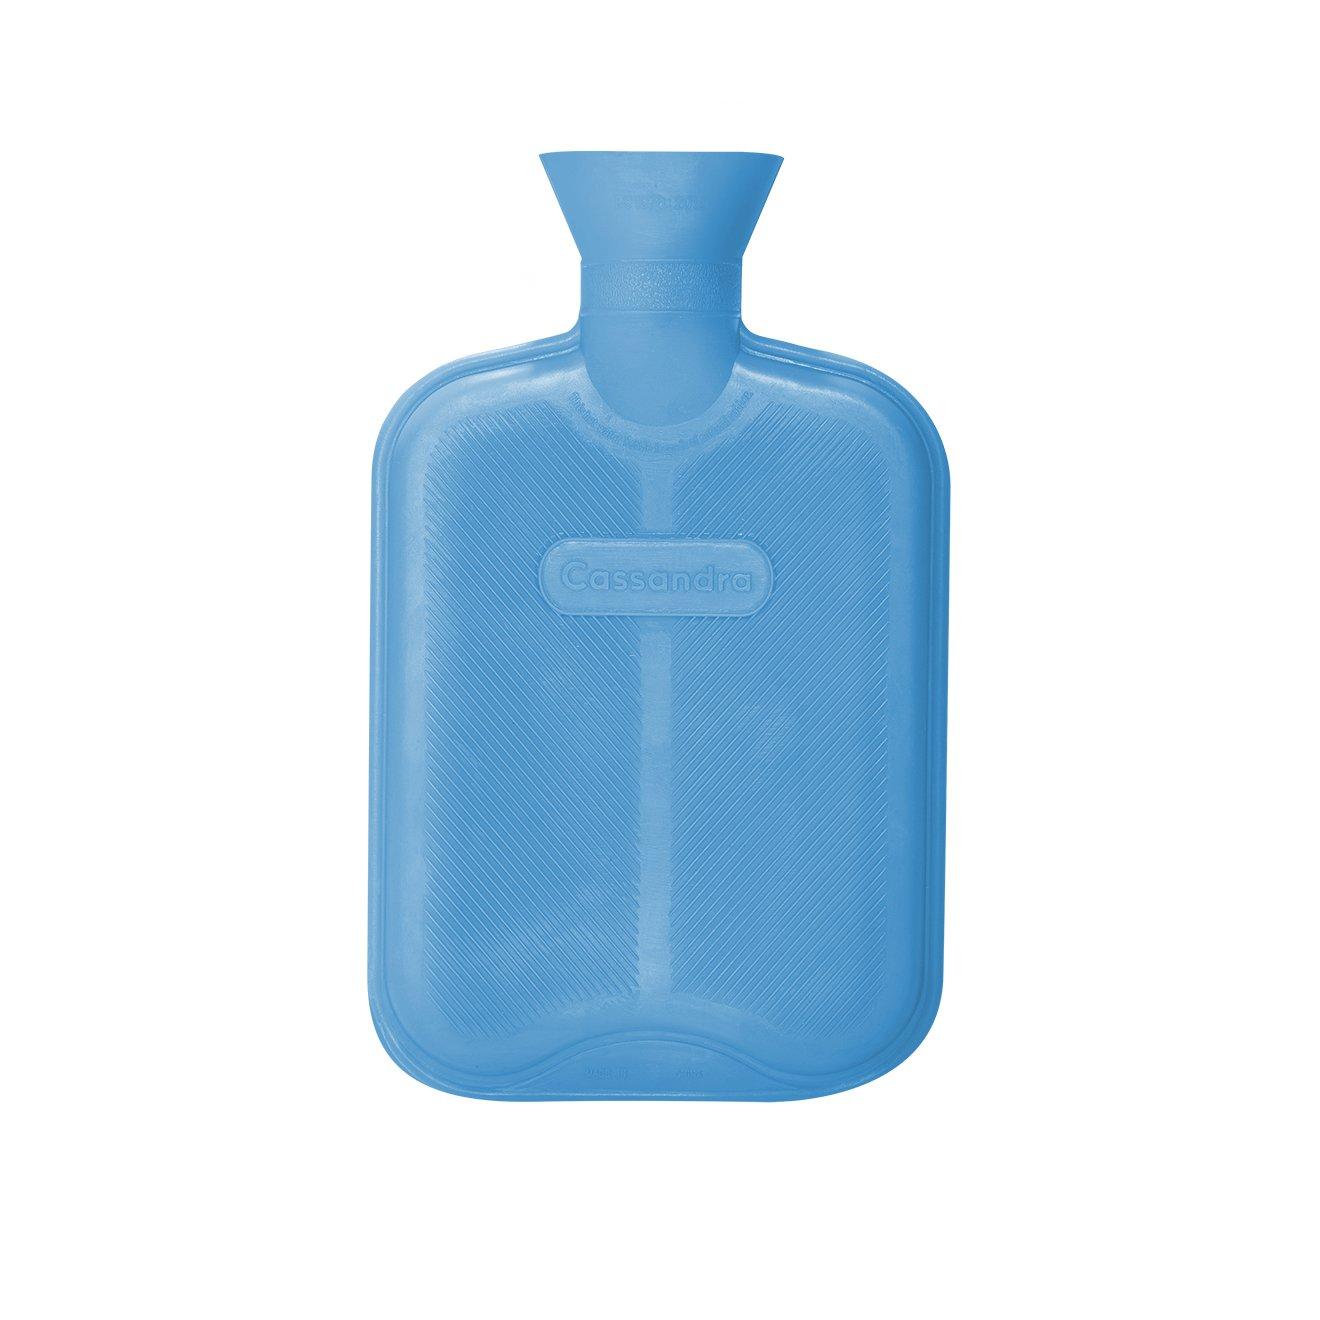 Murrays - Cassandra Wärmeflasche - doppelt gerippt (auf 2 Seiten) - Farben können variieren